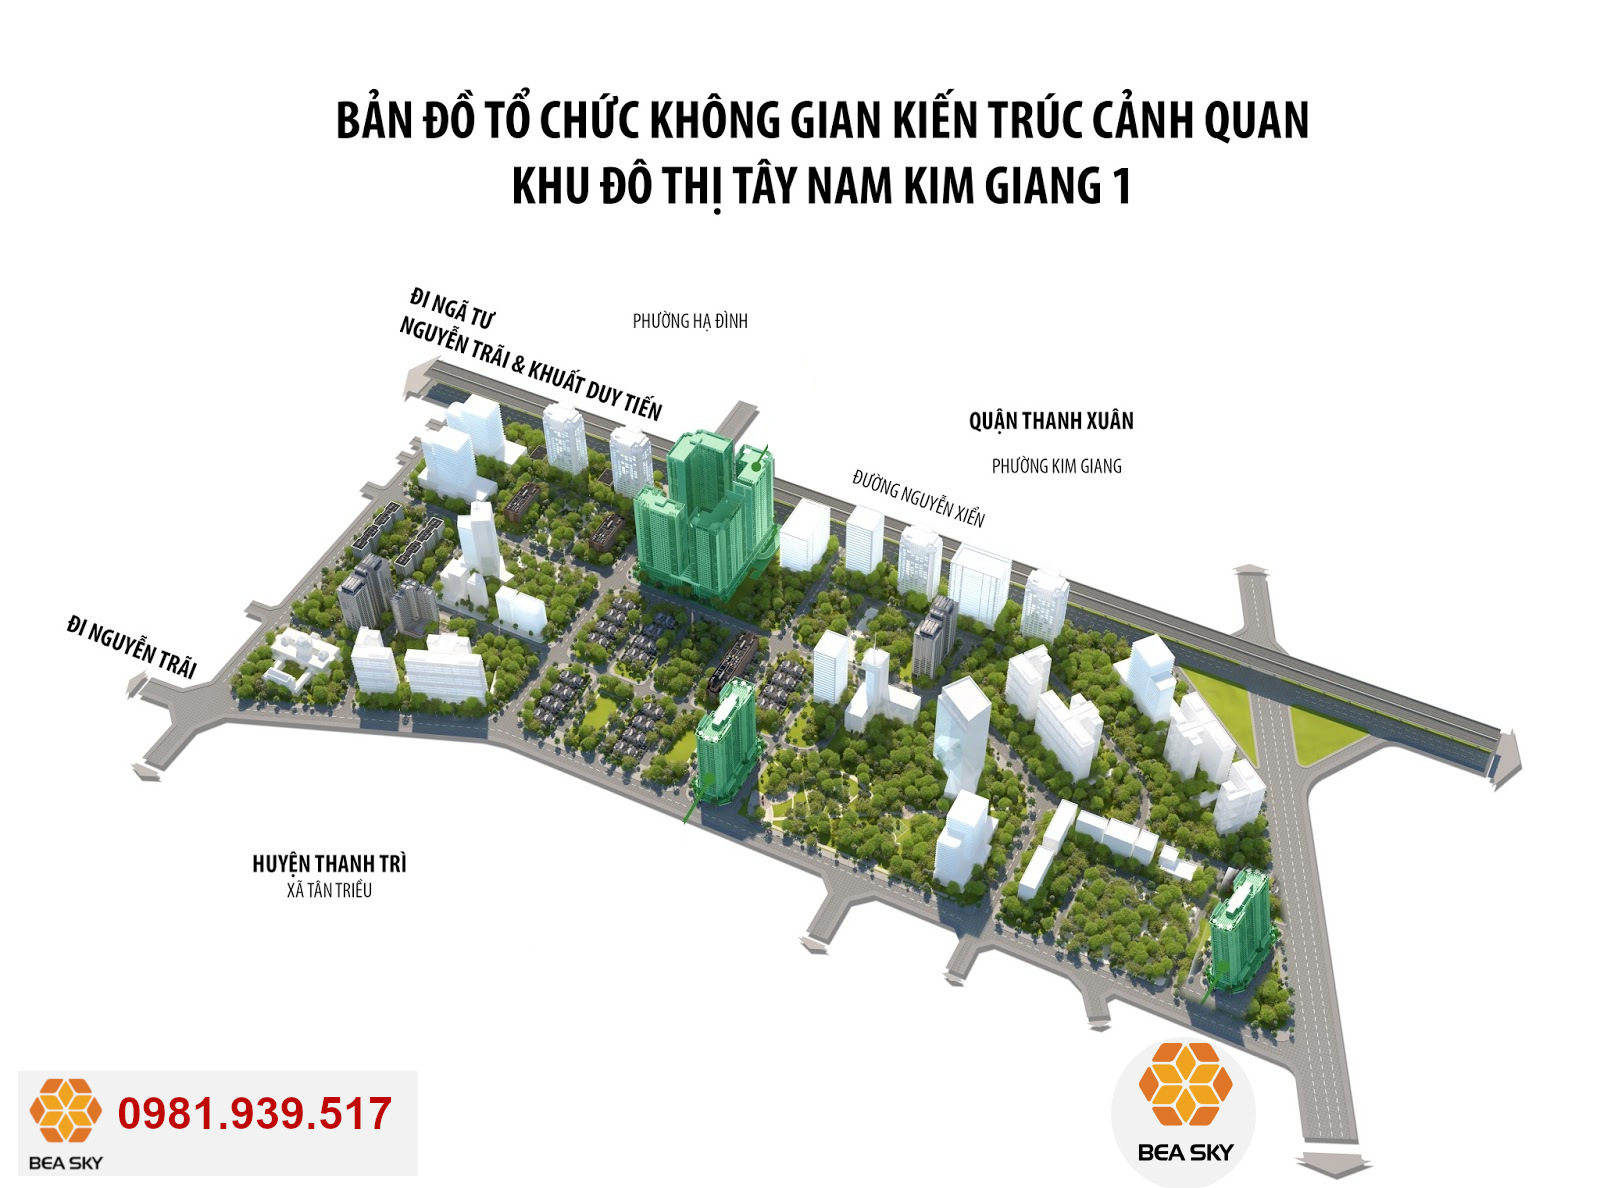 Vị trí Dự Án Bea Sky trong KĐT Tây Nam Kim Giang